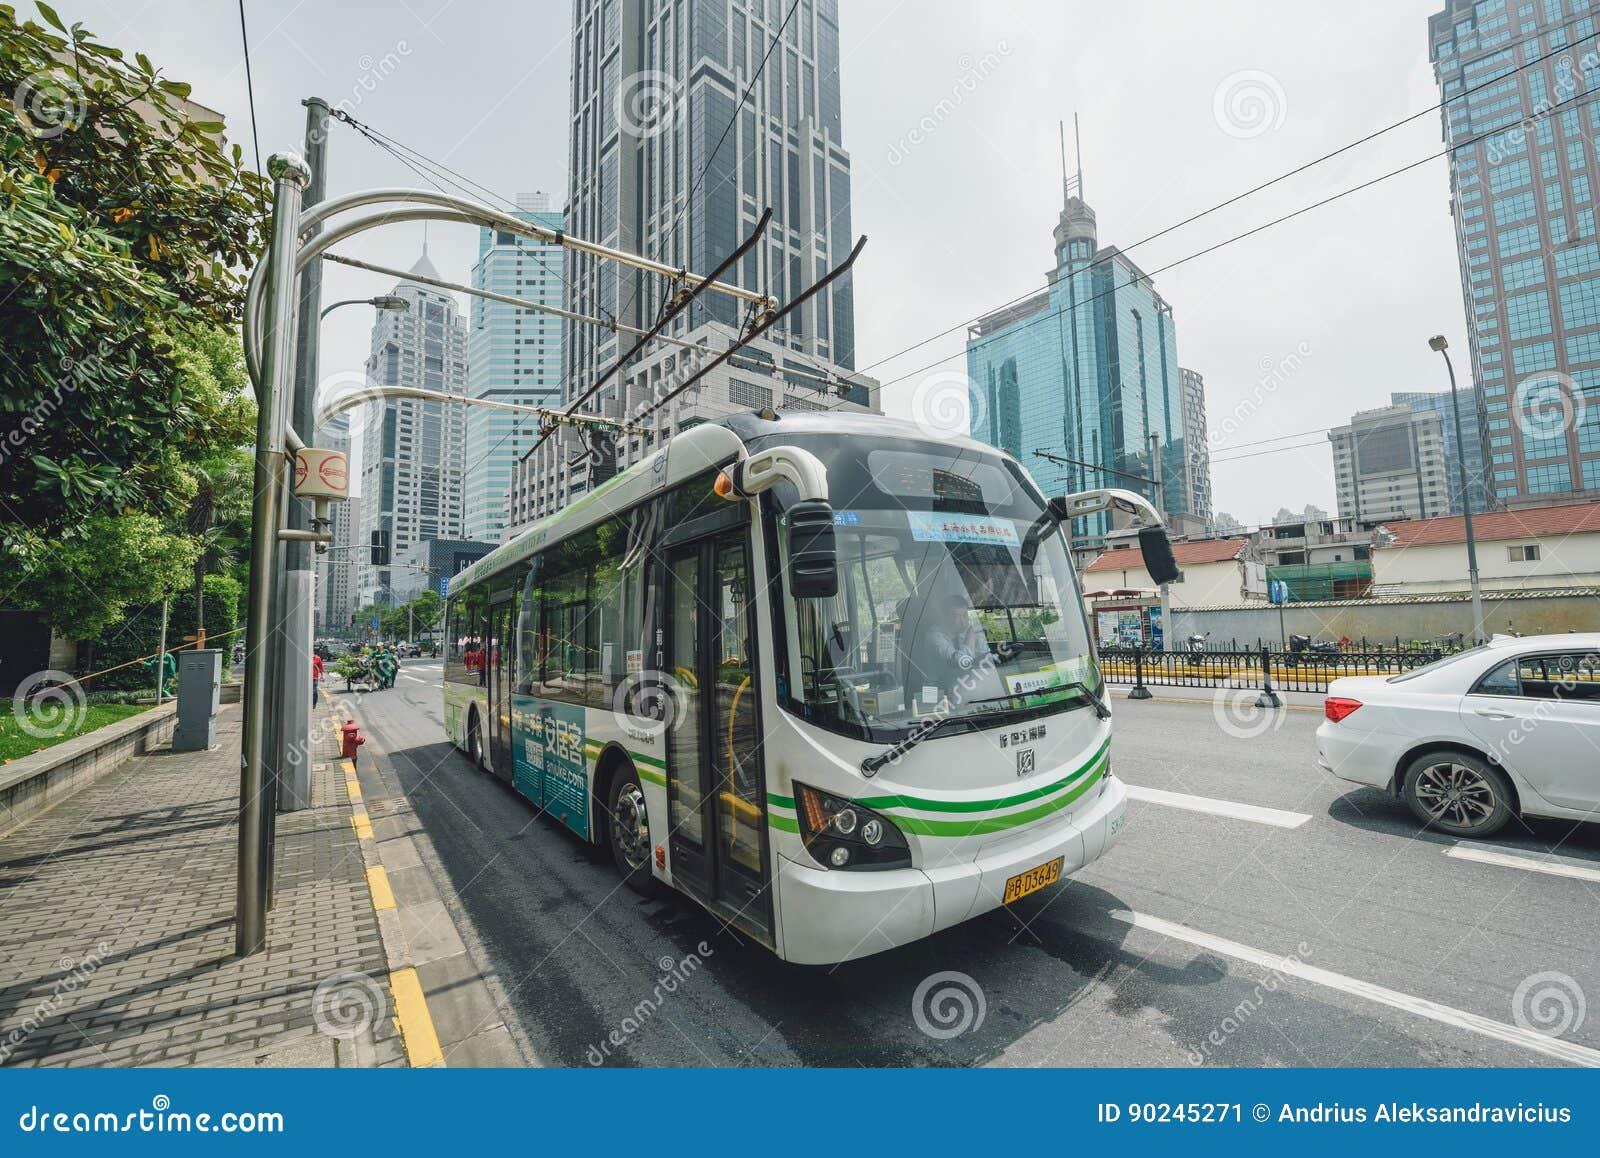 Elektrisch betriebener hybrider Bus in Shanghai, China